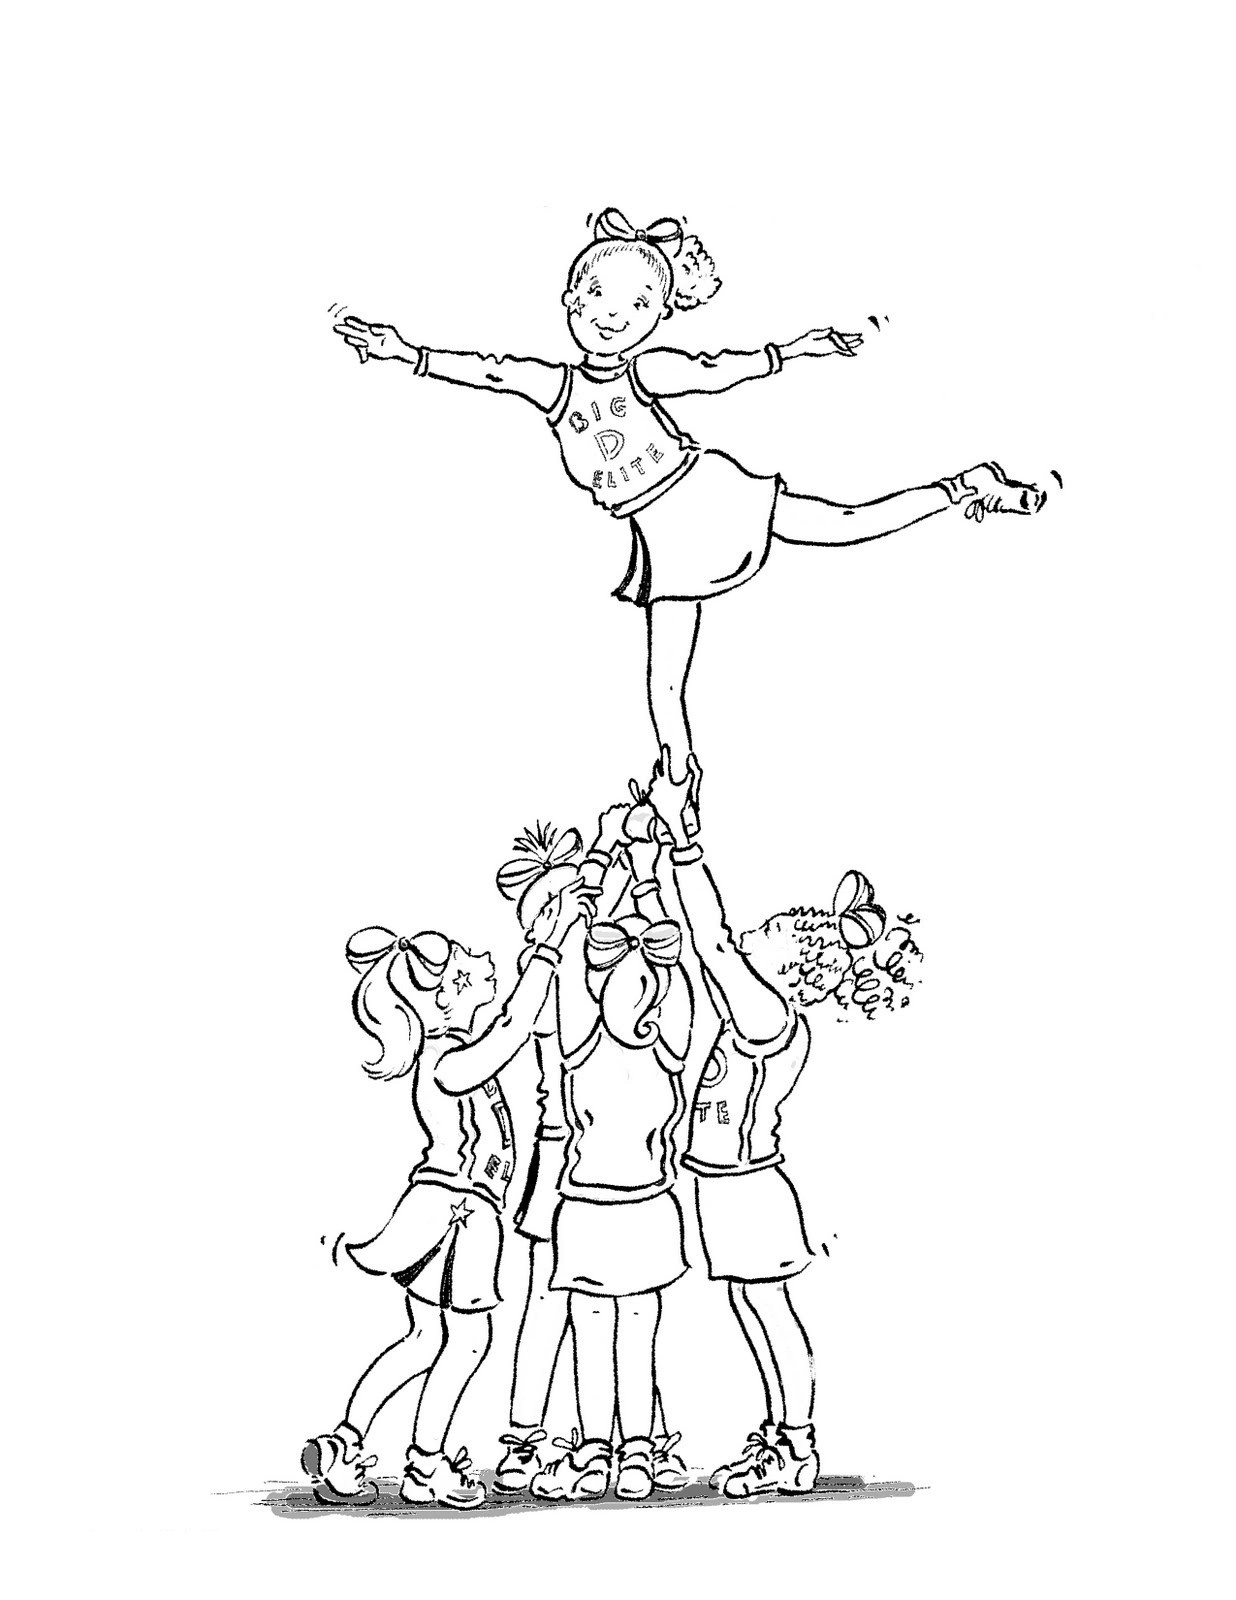 Cheer Drawing At Getdrawings